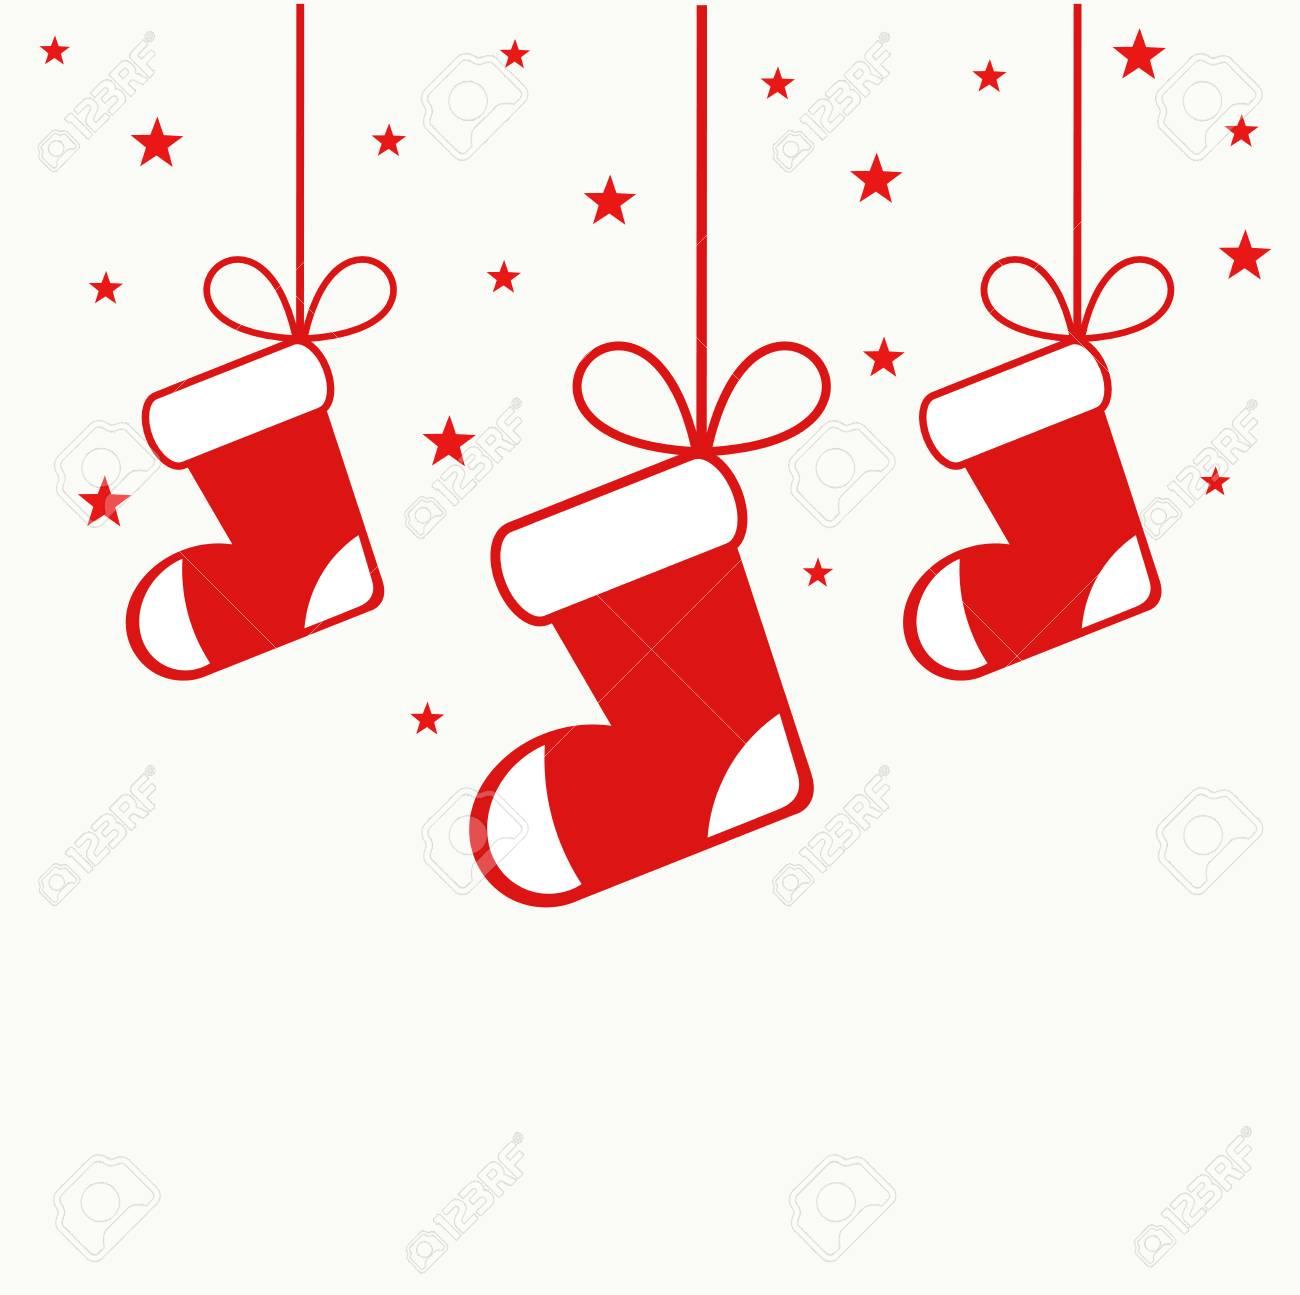 吊り飾りイラスト クリスマス ストッキングのイラスト素材 ベクタ Image 6791